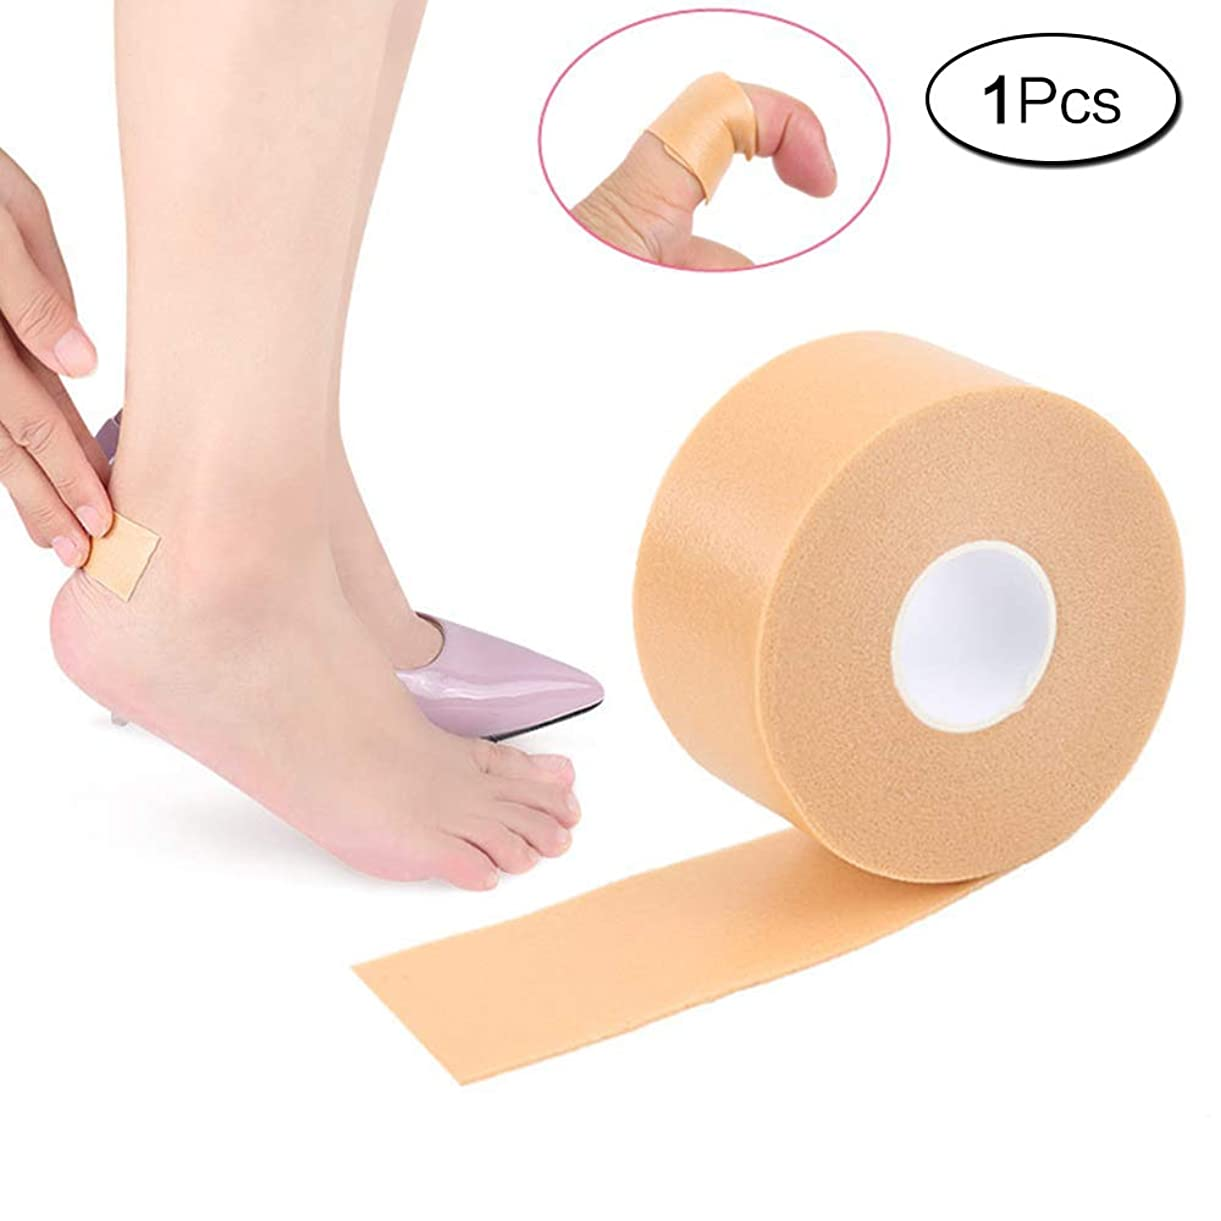 作者そして登場1個入 フォーム綿素材 靴ずれ予防テープ男女兼用